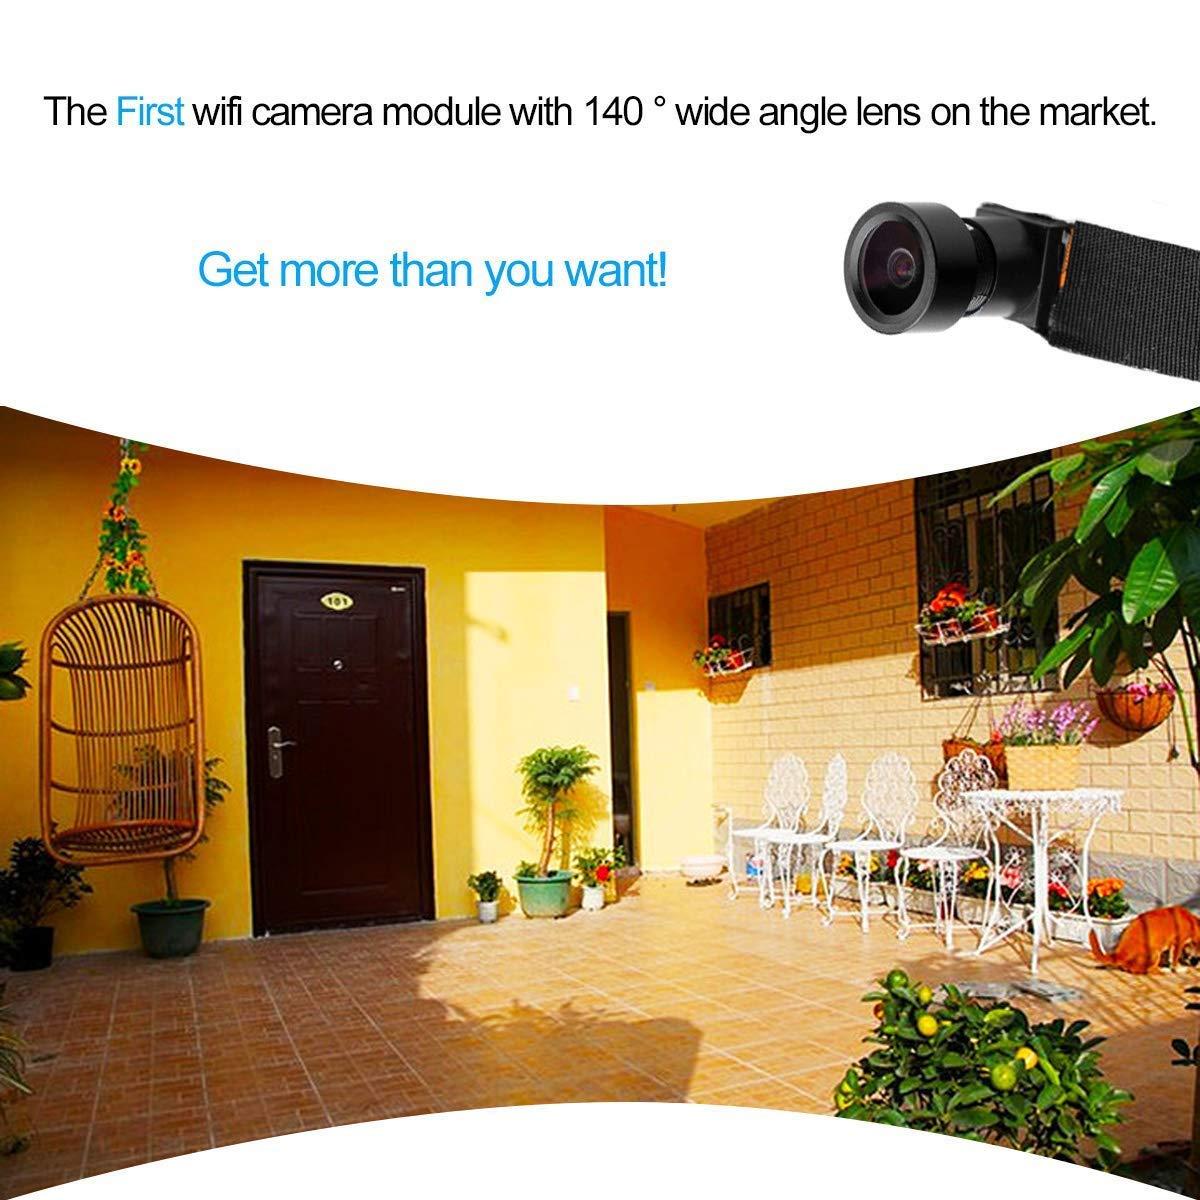 C-Xka Cámara Oculta de HD 1080P DIY Pinhole Cámara pequeña cámara Oculta Video inalámbrico con 140 ° de ángulo Ancho Mini cámara espía WiFi: Amazon.es: ...